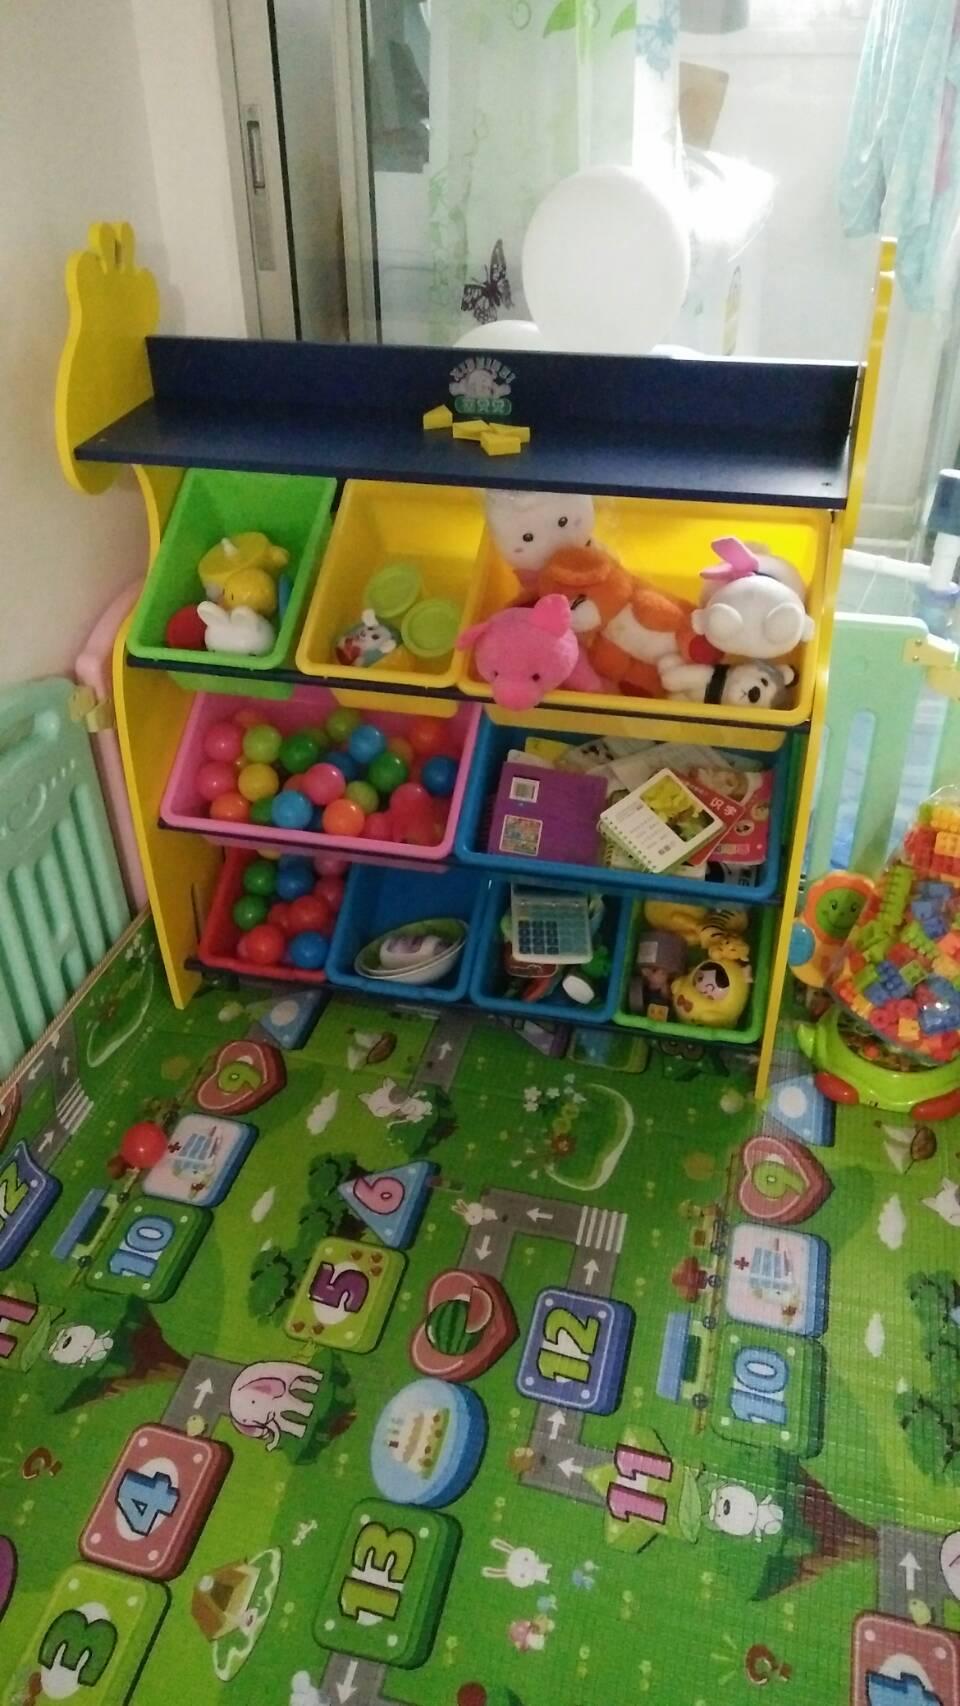 นวางยีราฟ, ชั้นของเล่น ยีราฟ, ชั้นวางของเด็ก, keeping toy, giraffe keeping toy, ชั้นยีราฟ ราคา, ชั้นยีราฟ ร้าน, ชั้นยีราฟ ของเล่น, ชั้นวางของ, ชั้นวางของ ราคา, ชั้นวาง ของเล่น, ชั้นเด็ก, เก็บของเล่น, ชั้นเก็บของเล่น, เก็บของเล่นยีราฟ, ชั้นเก็บยีราฟ